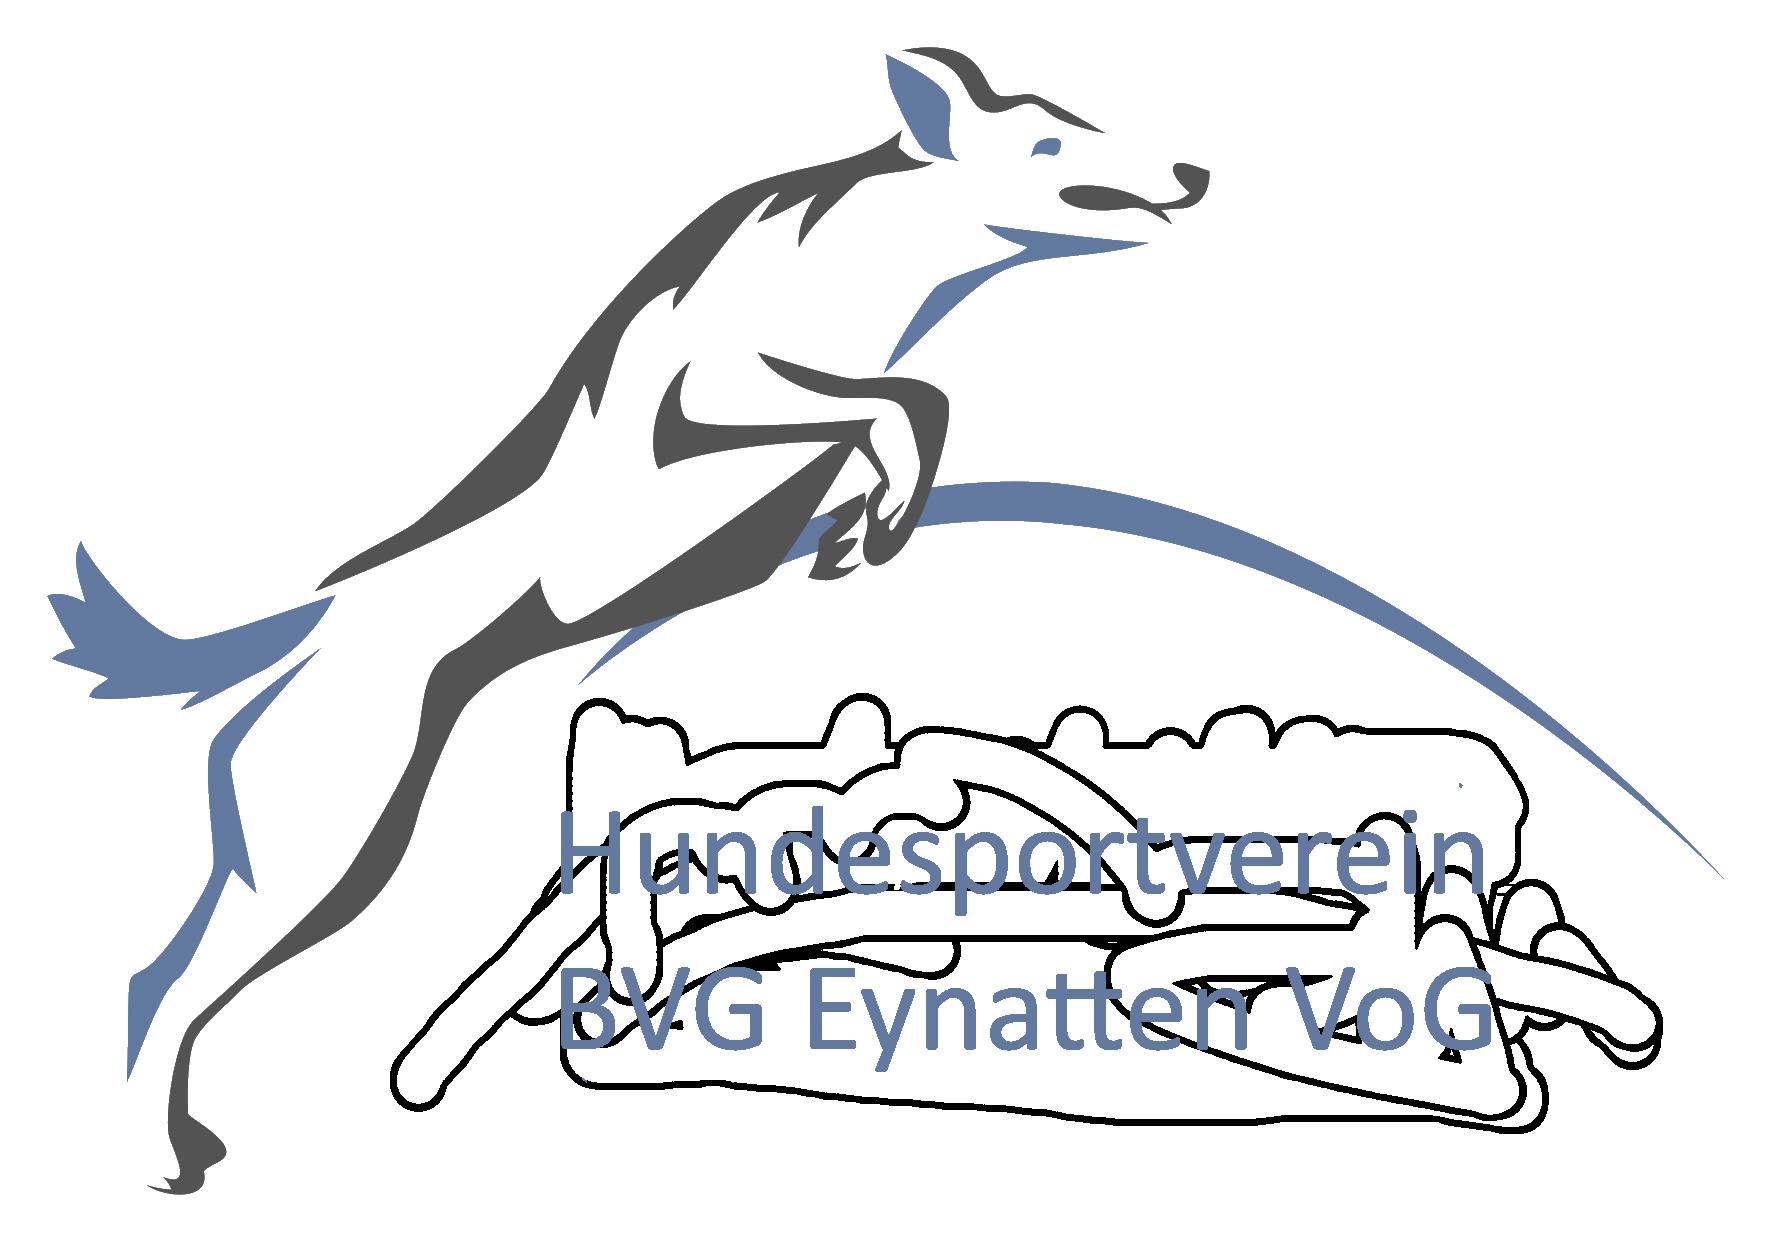 BVG Eynatten VoG